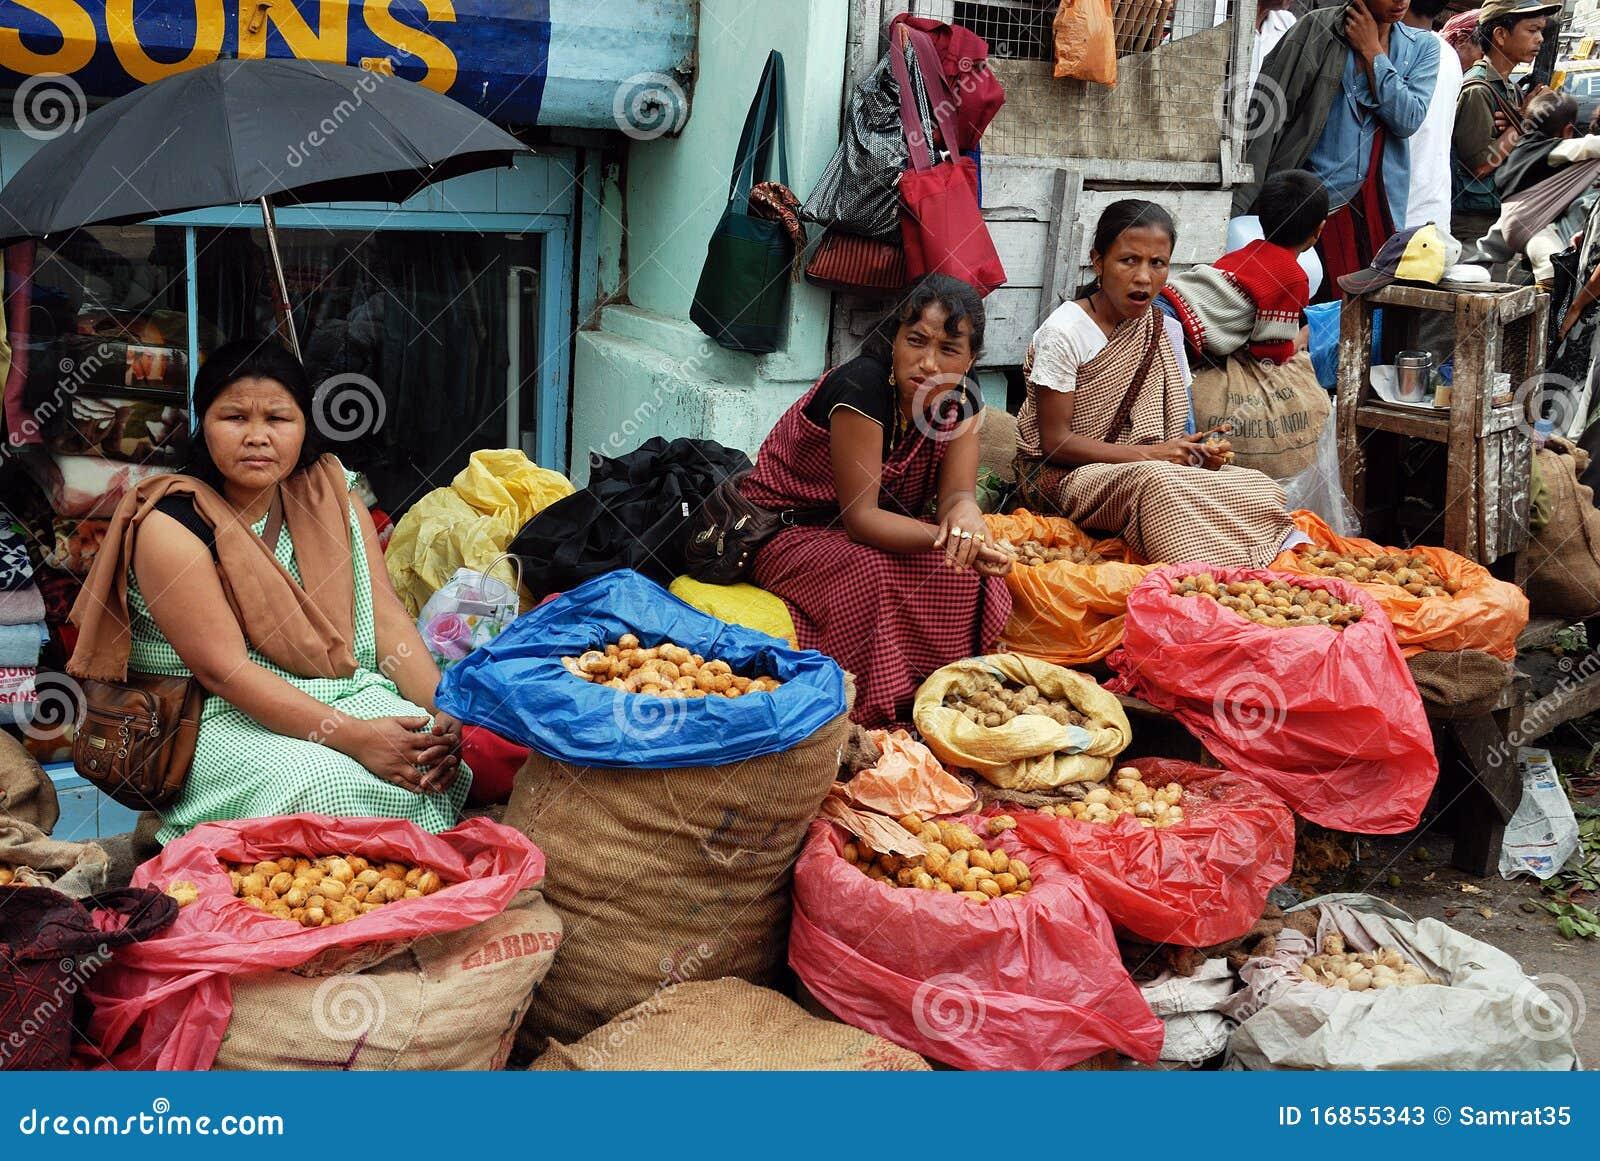 fotos van vrouwen geile markt